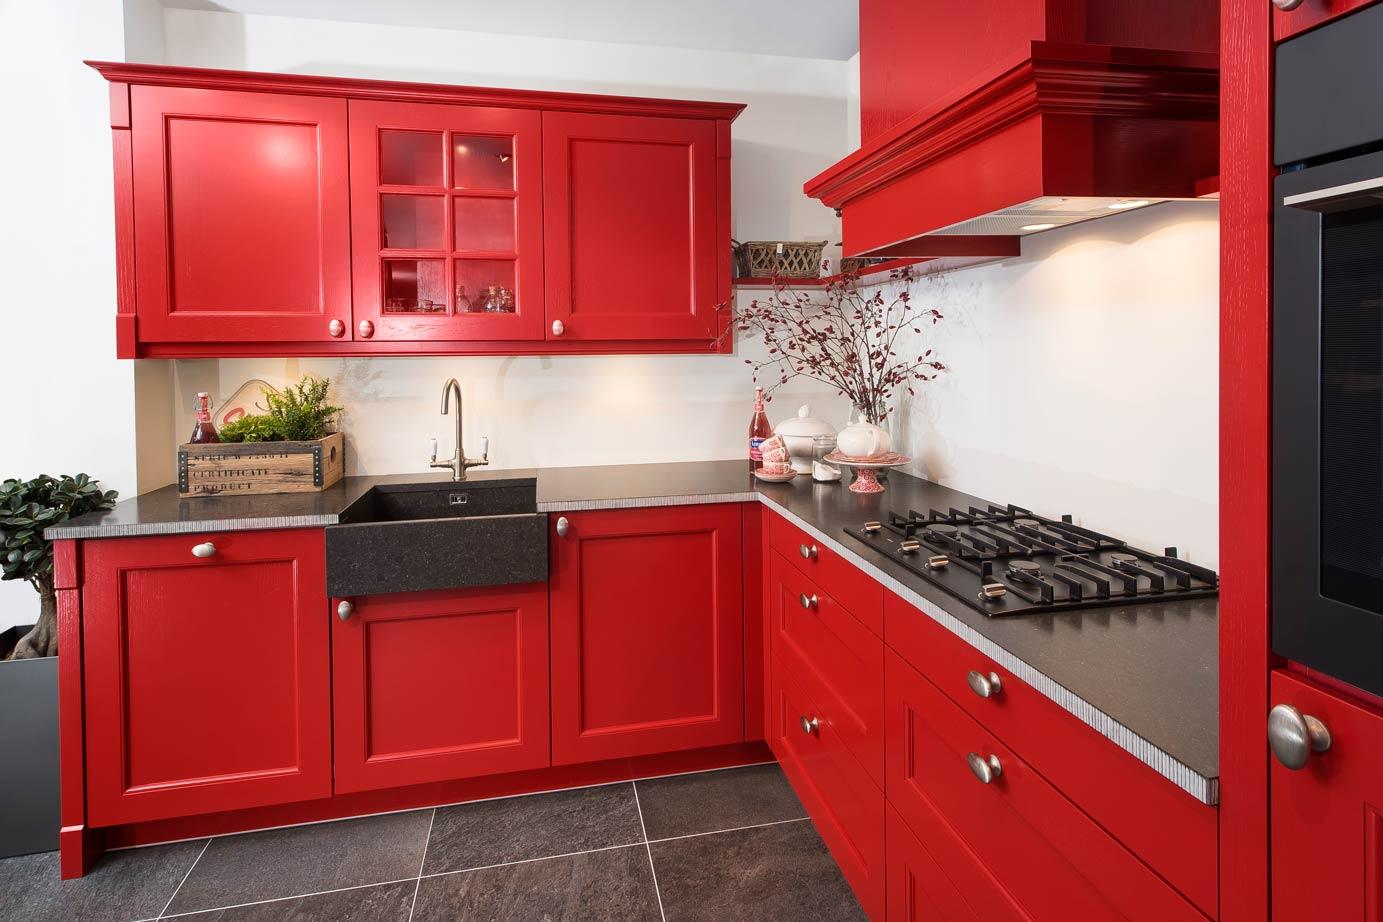 Grijze Keukens Voorbeelden : Kies de keuken kleur die bij u past bekijk voorbeelden db keukens